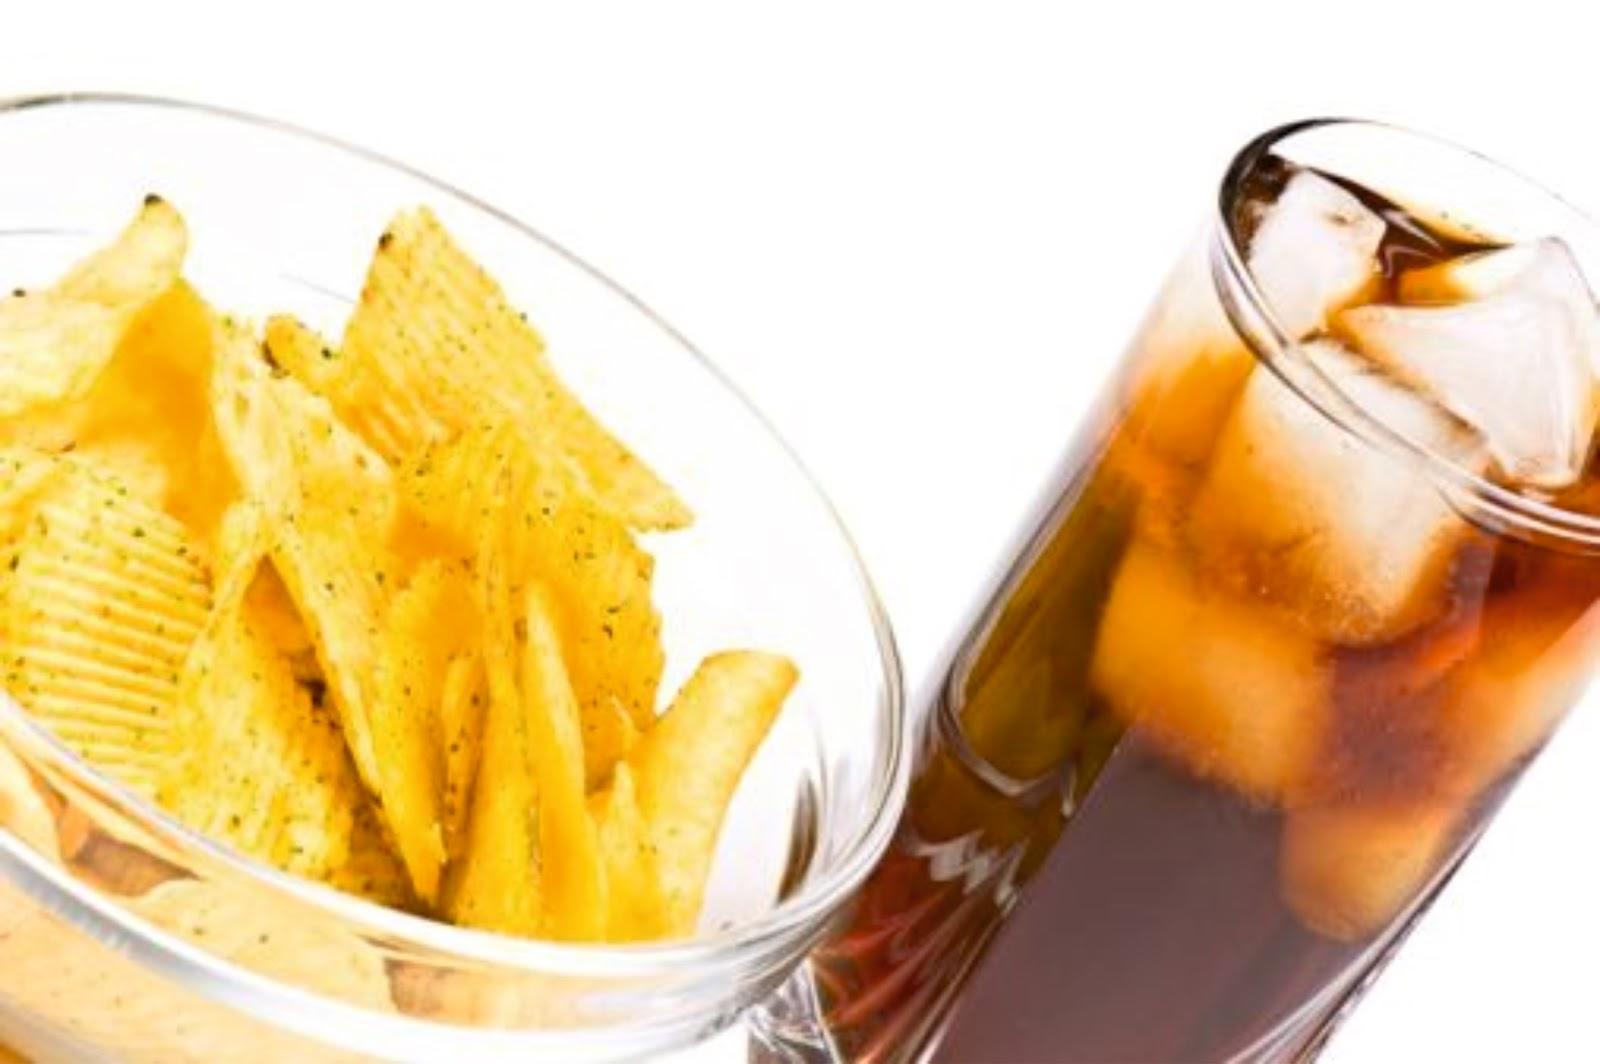 Cuales son los 2 alimentos que mas engordan en el mundo - Alimentos que mas engordan ...